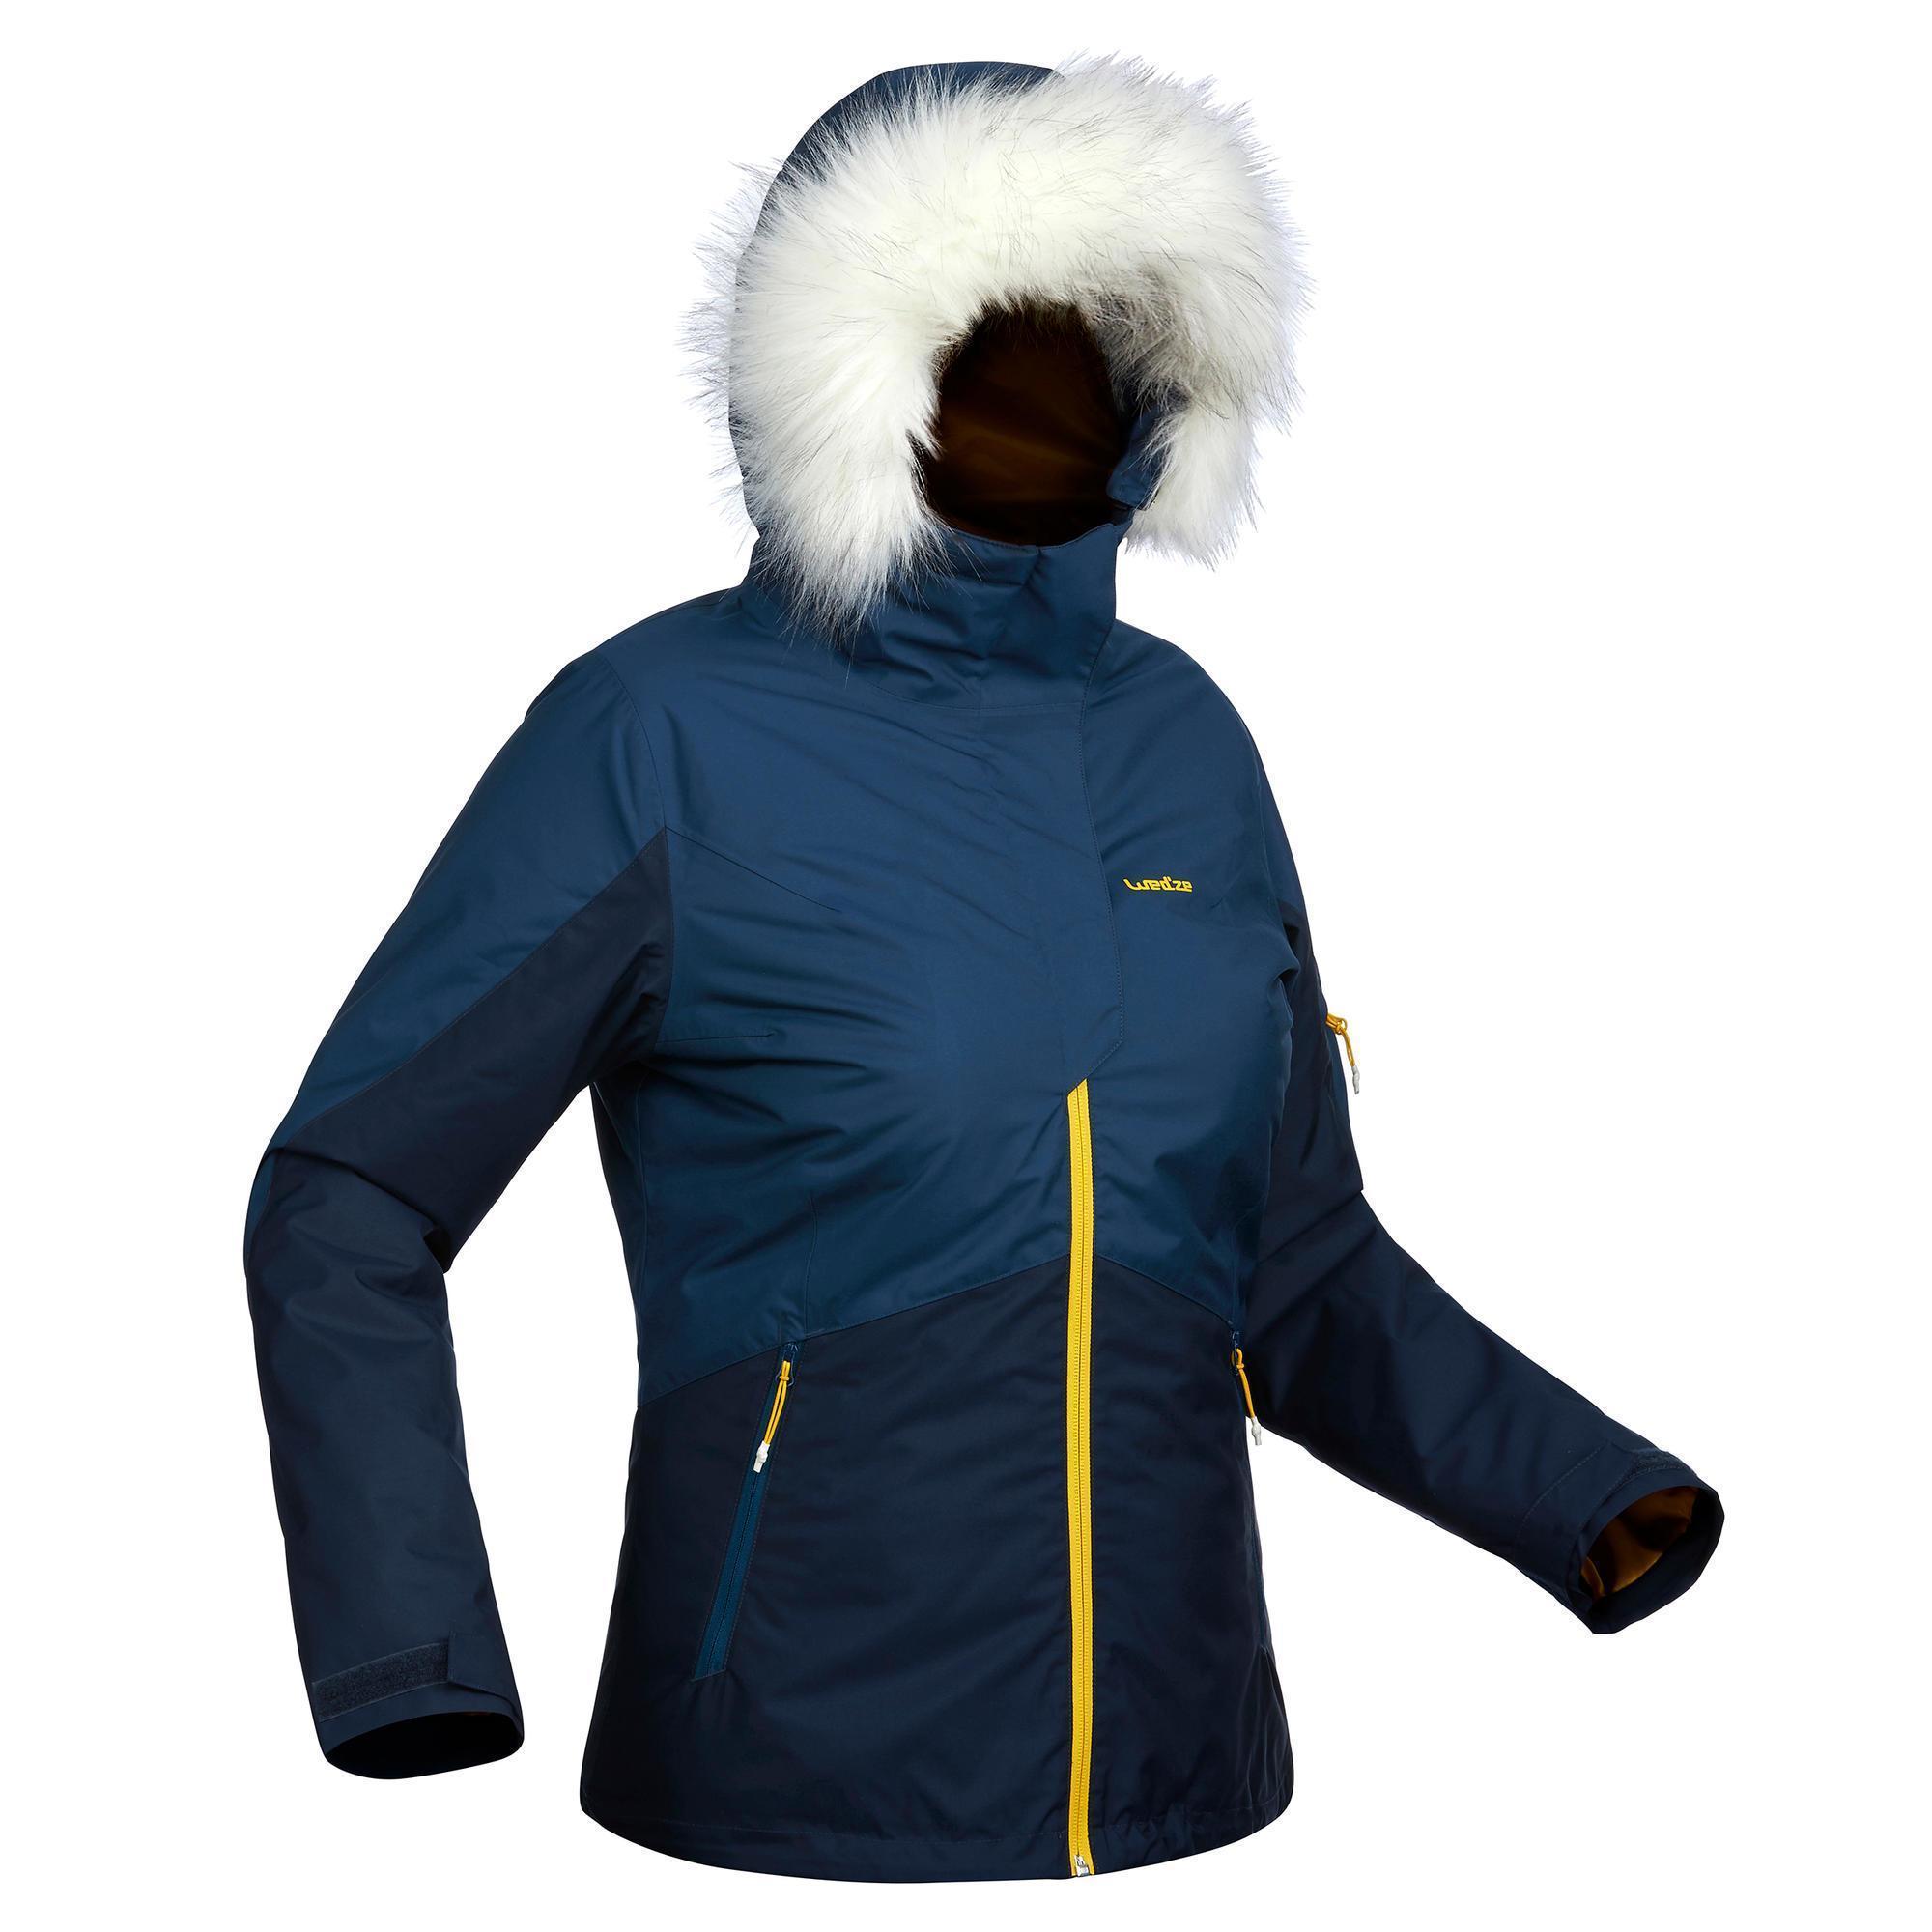 29fef4b70 Ski-P 150 Women s Downhill Ski Jacket - Navy